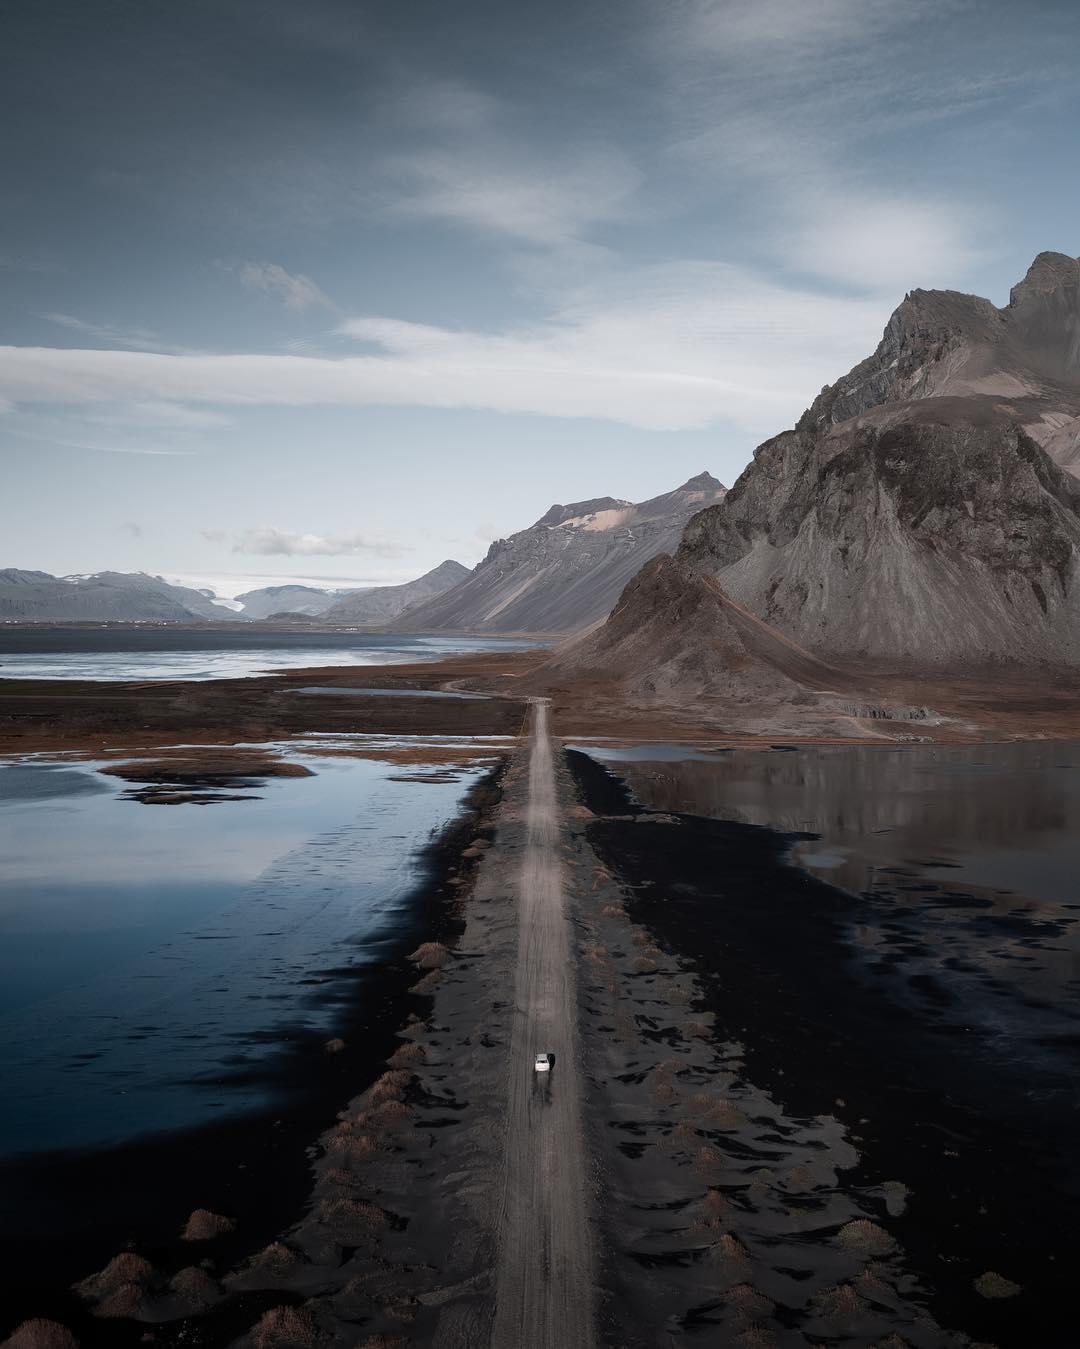 paisaje con dron por Simeon Pratt